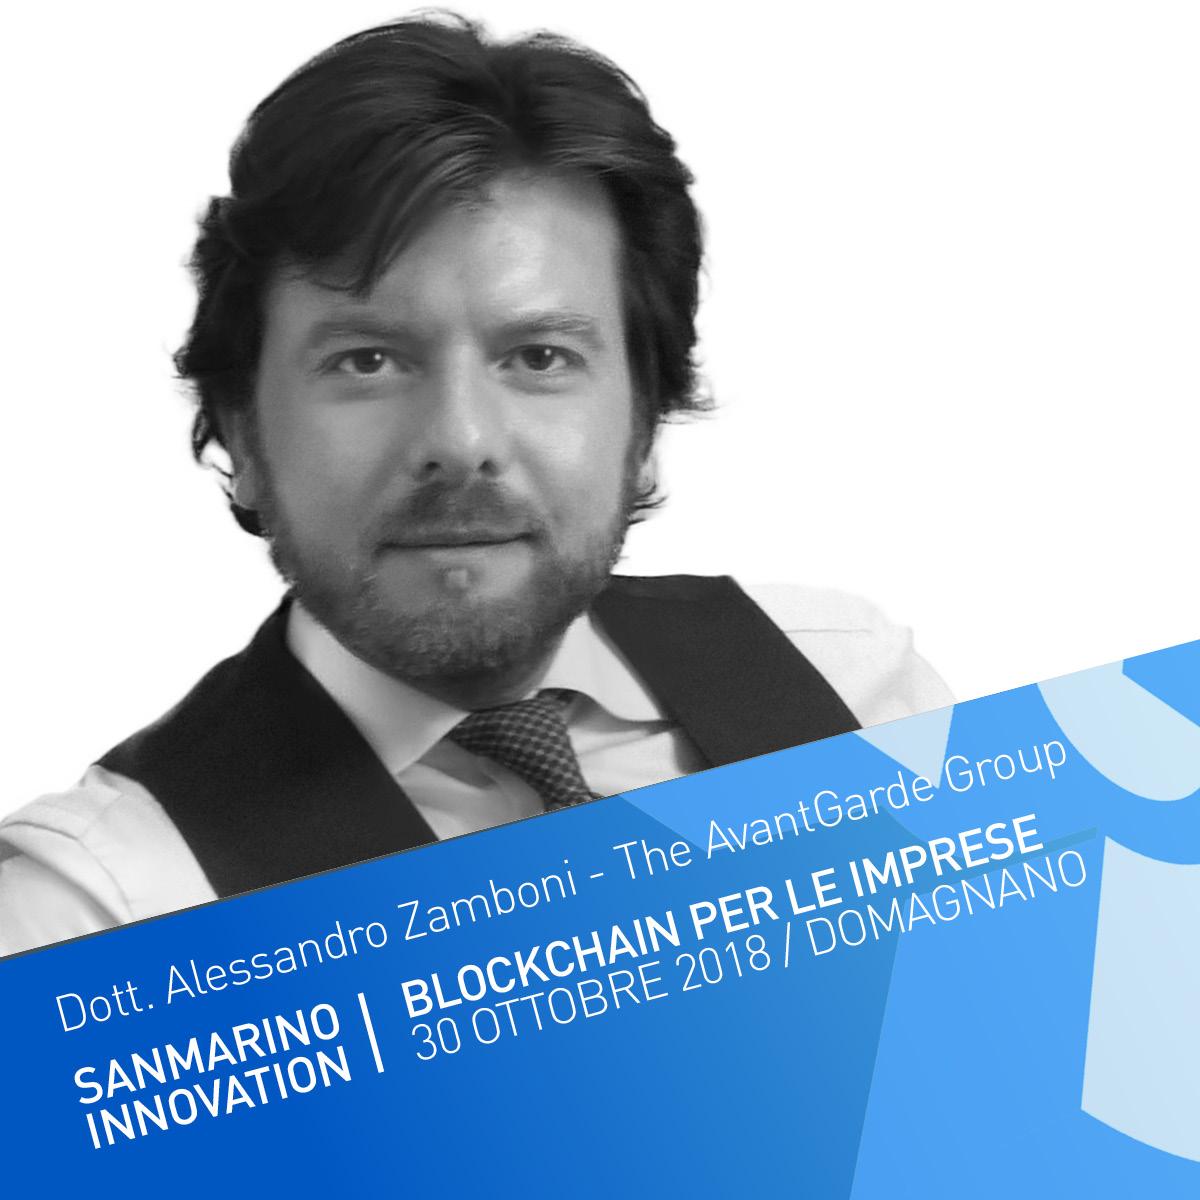 """Supply Chain Finance:Inventory tokenization - Il Dott. Alessandro Zamboni è il presidente di the AvantGarde Group, realtà, specializzata in programmi di innovazione e consulenza strategica per le aziende, che ha lanciato nel 2018 l'Inventory FinTech """"Supply@ME""""."""